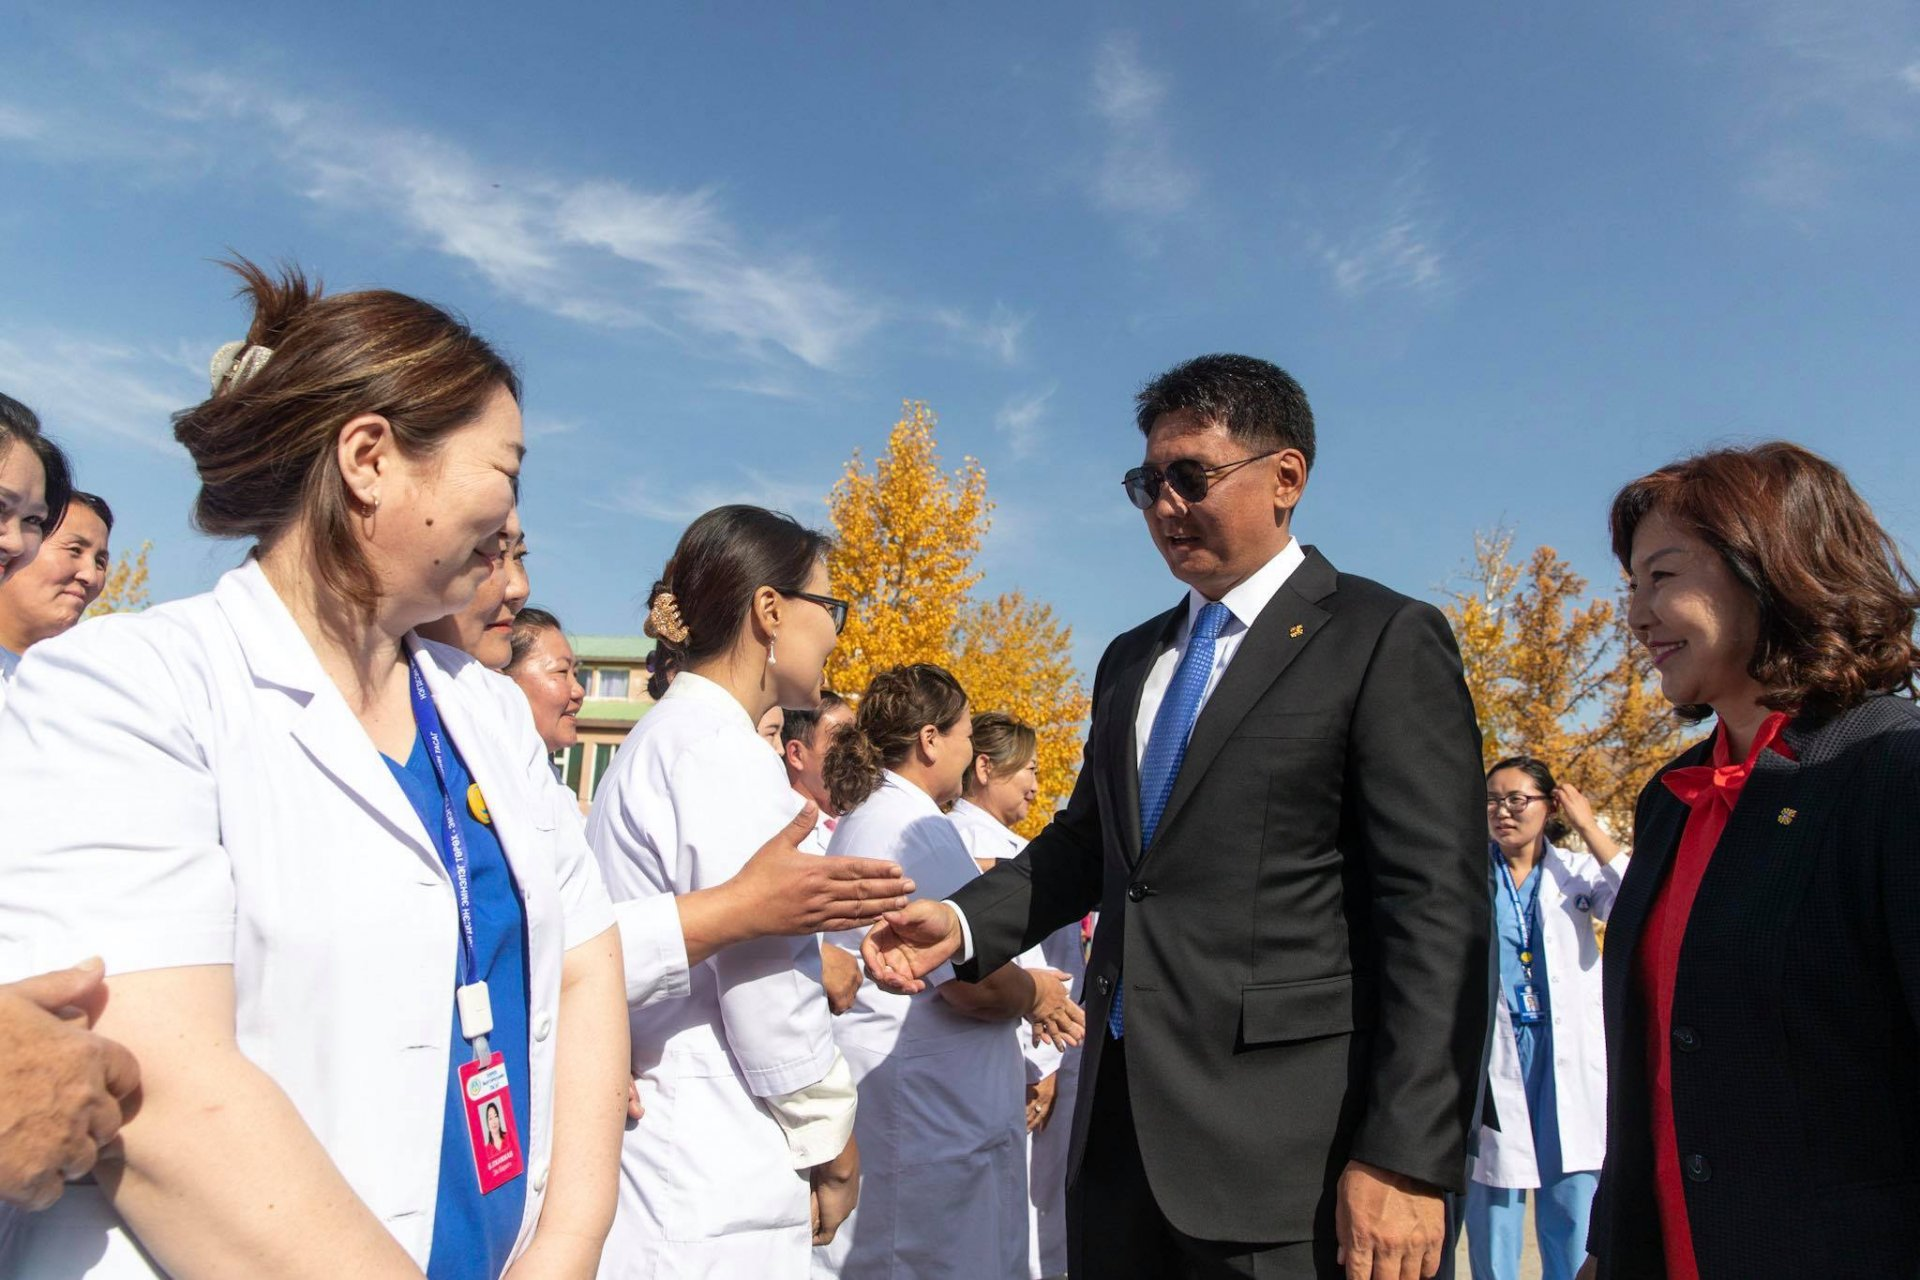 Ерөнхий сайд Хөвсгөл аймгийн Нэгдсэн эмнэлэгт ажиллалаа